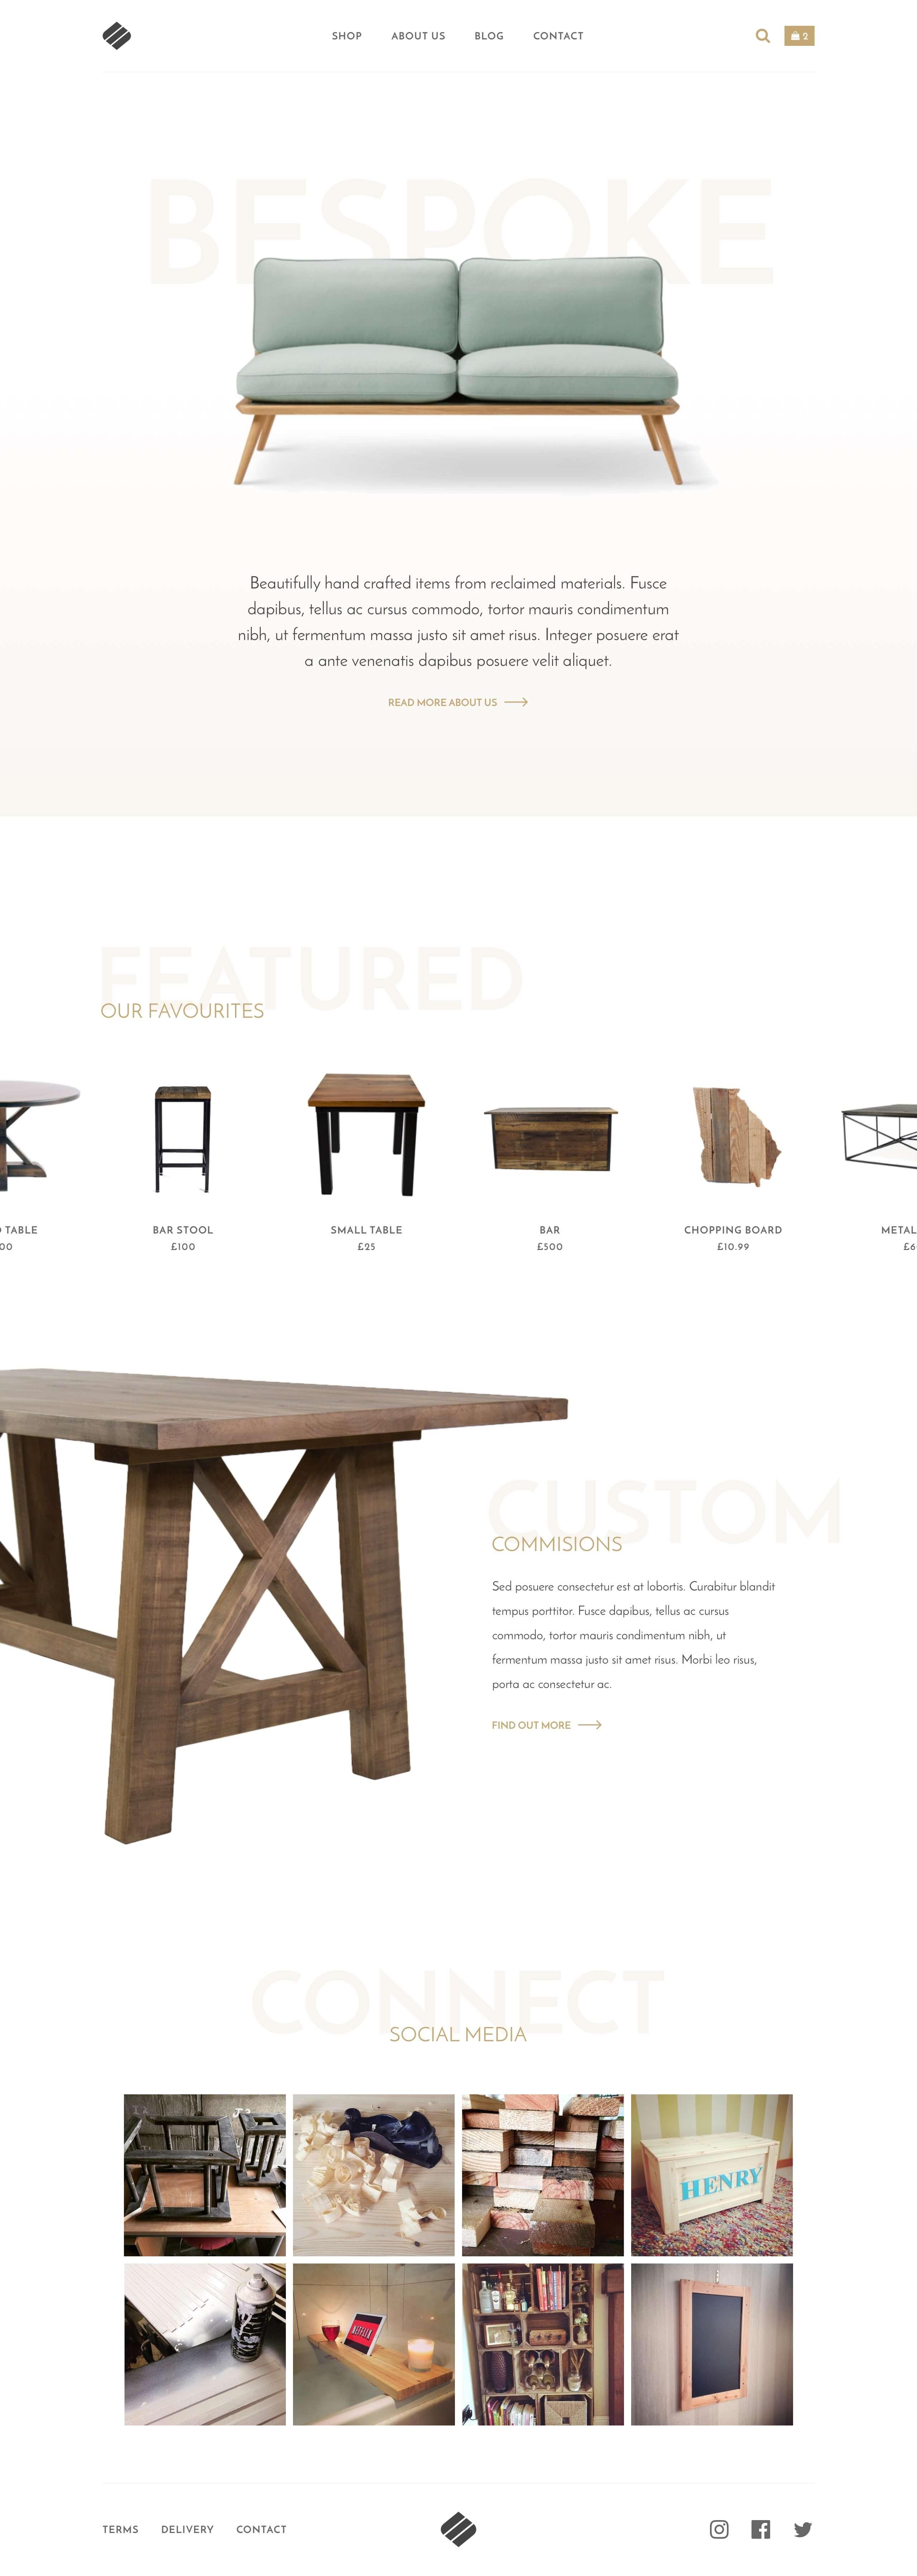 The Nuumi homepage